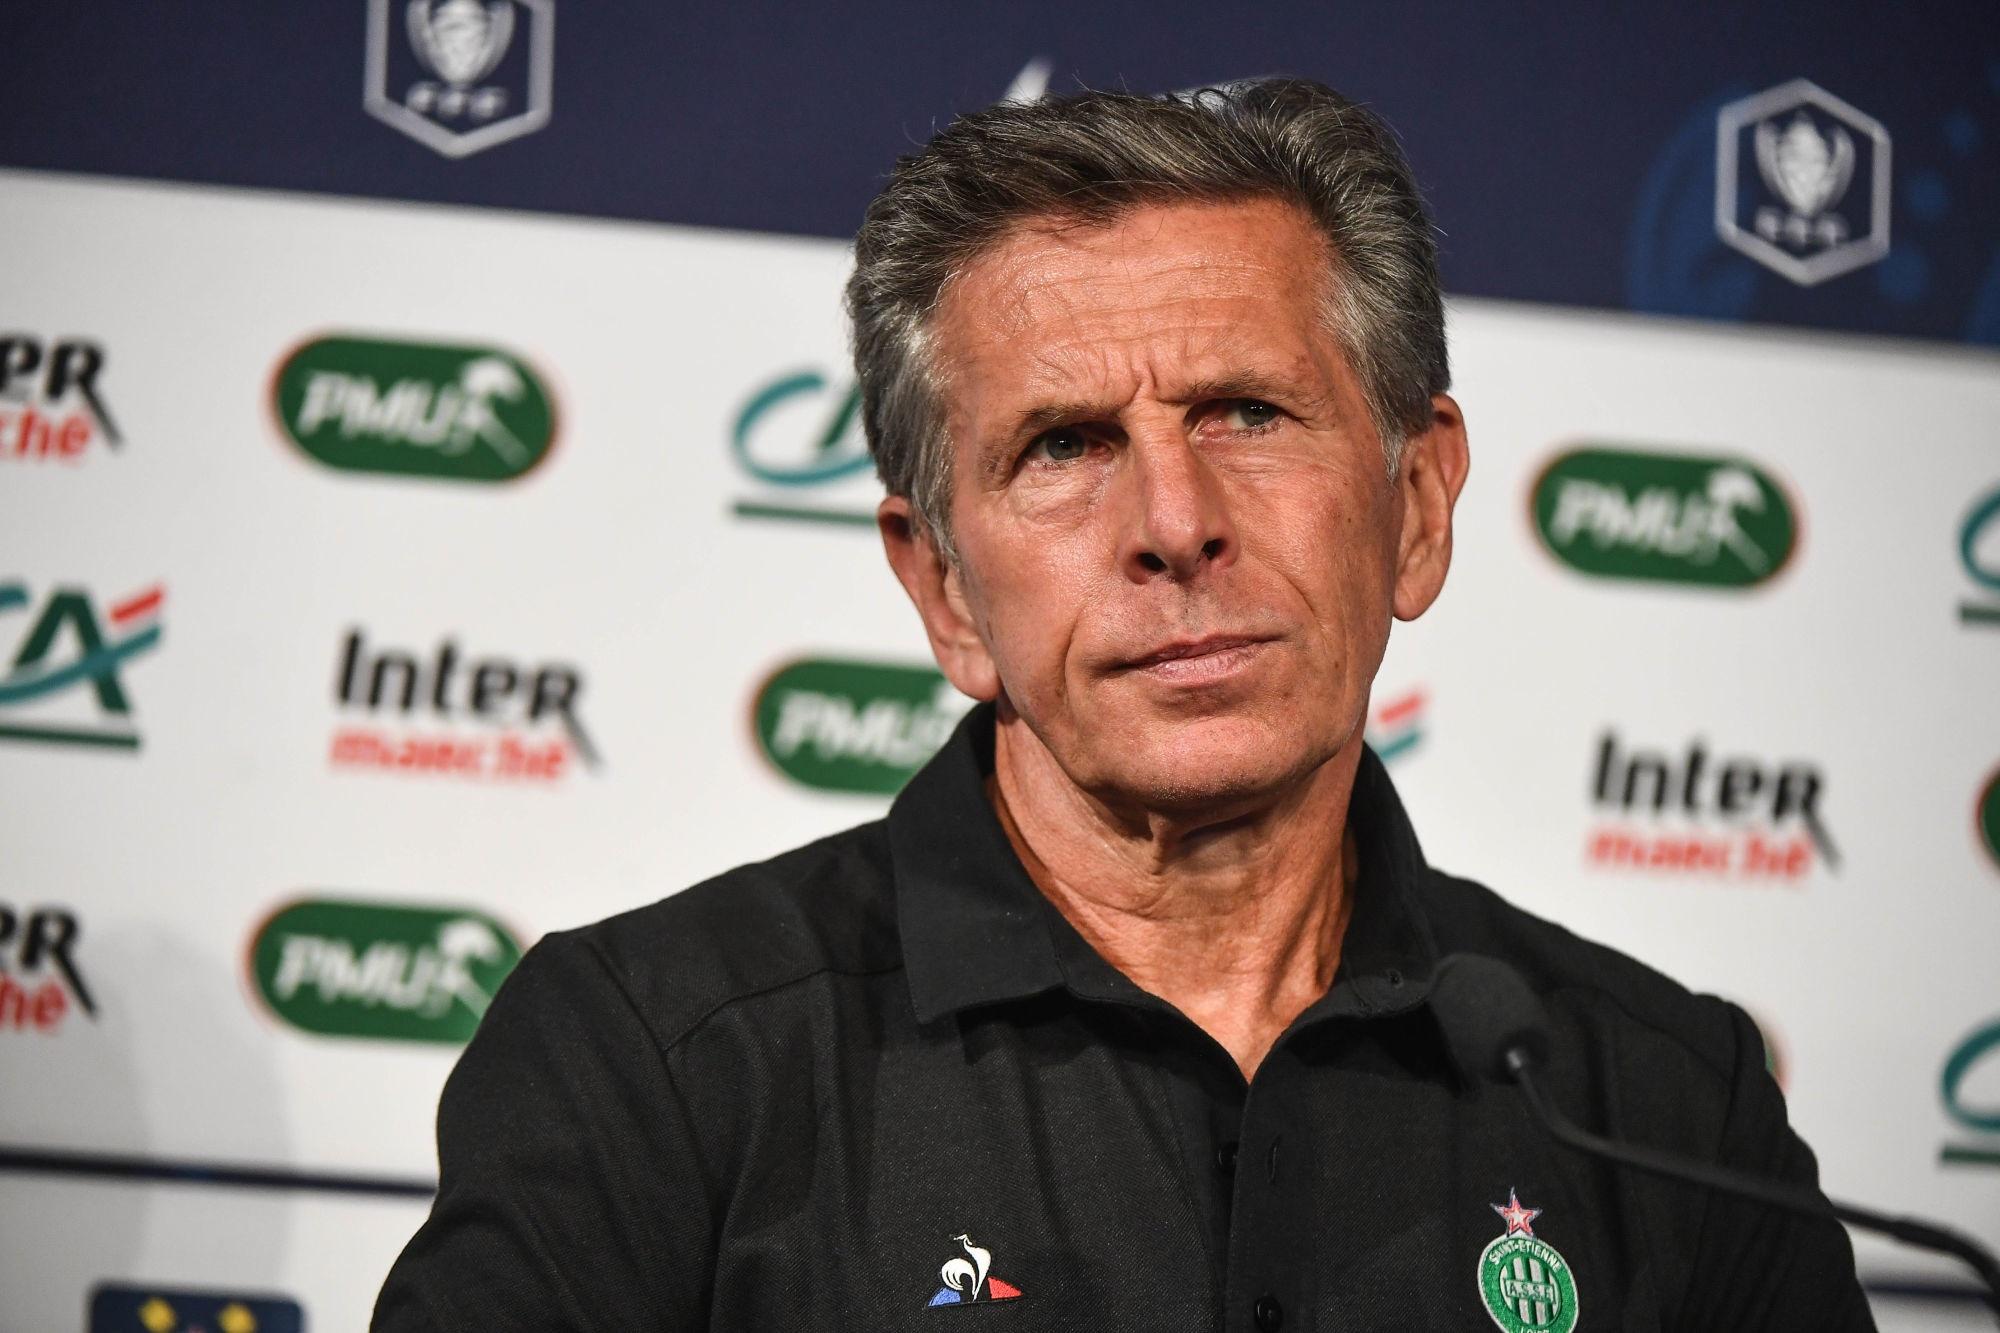 PSG/Saint-Etienne - Puel revient sur la défaite et le tacle de Perrin sur Mbappé